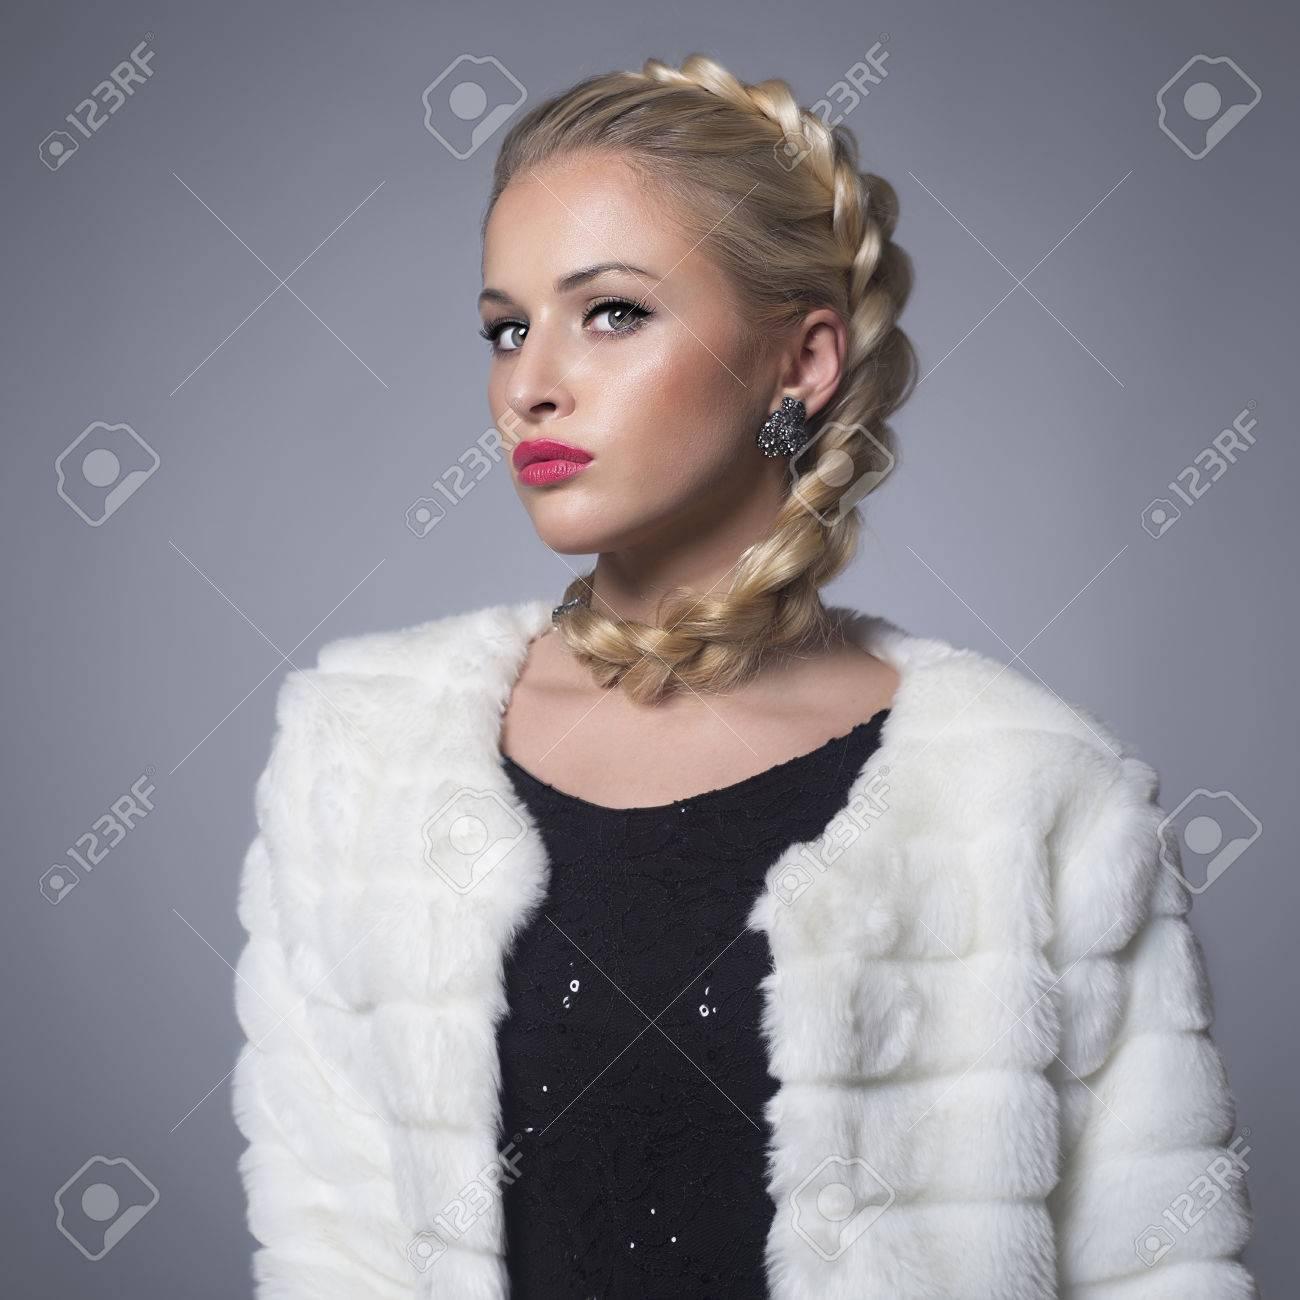 la winter en rubia rubio en abrigo piel de pieles modelo de de en Beauty Mujer lujo fur Hermosa mujer conejo niña chaqueta fashion vxIw5qWH0C